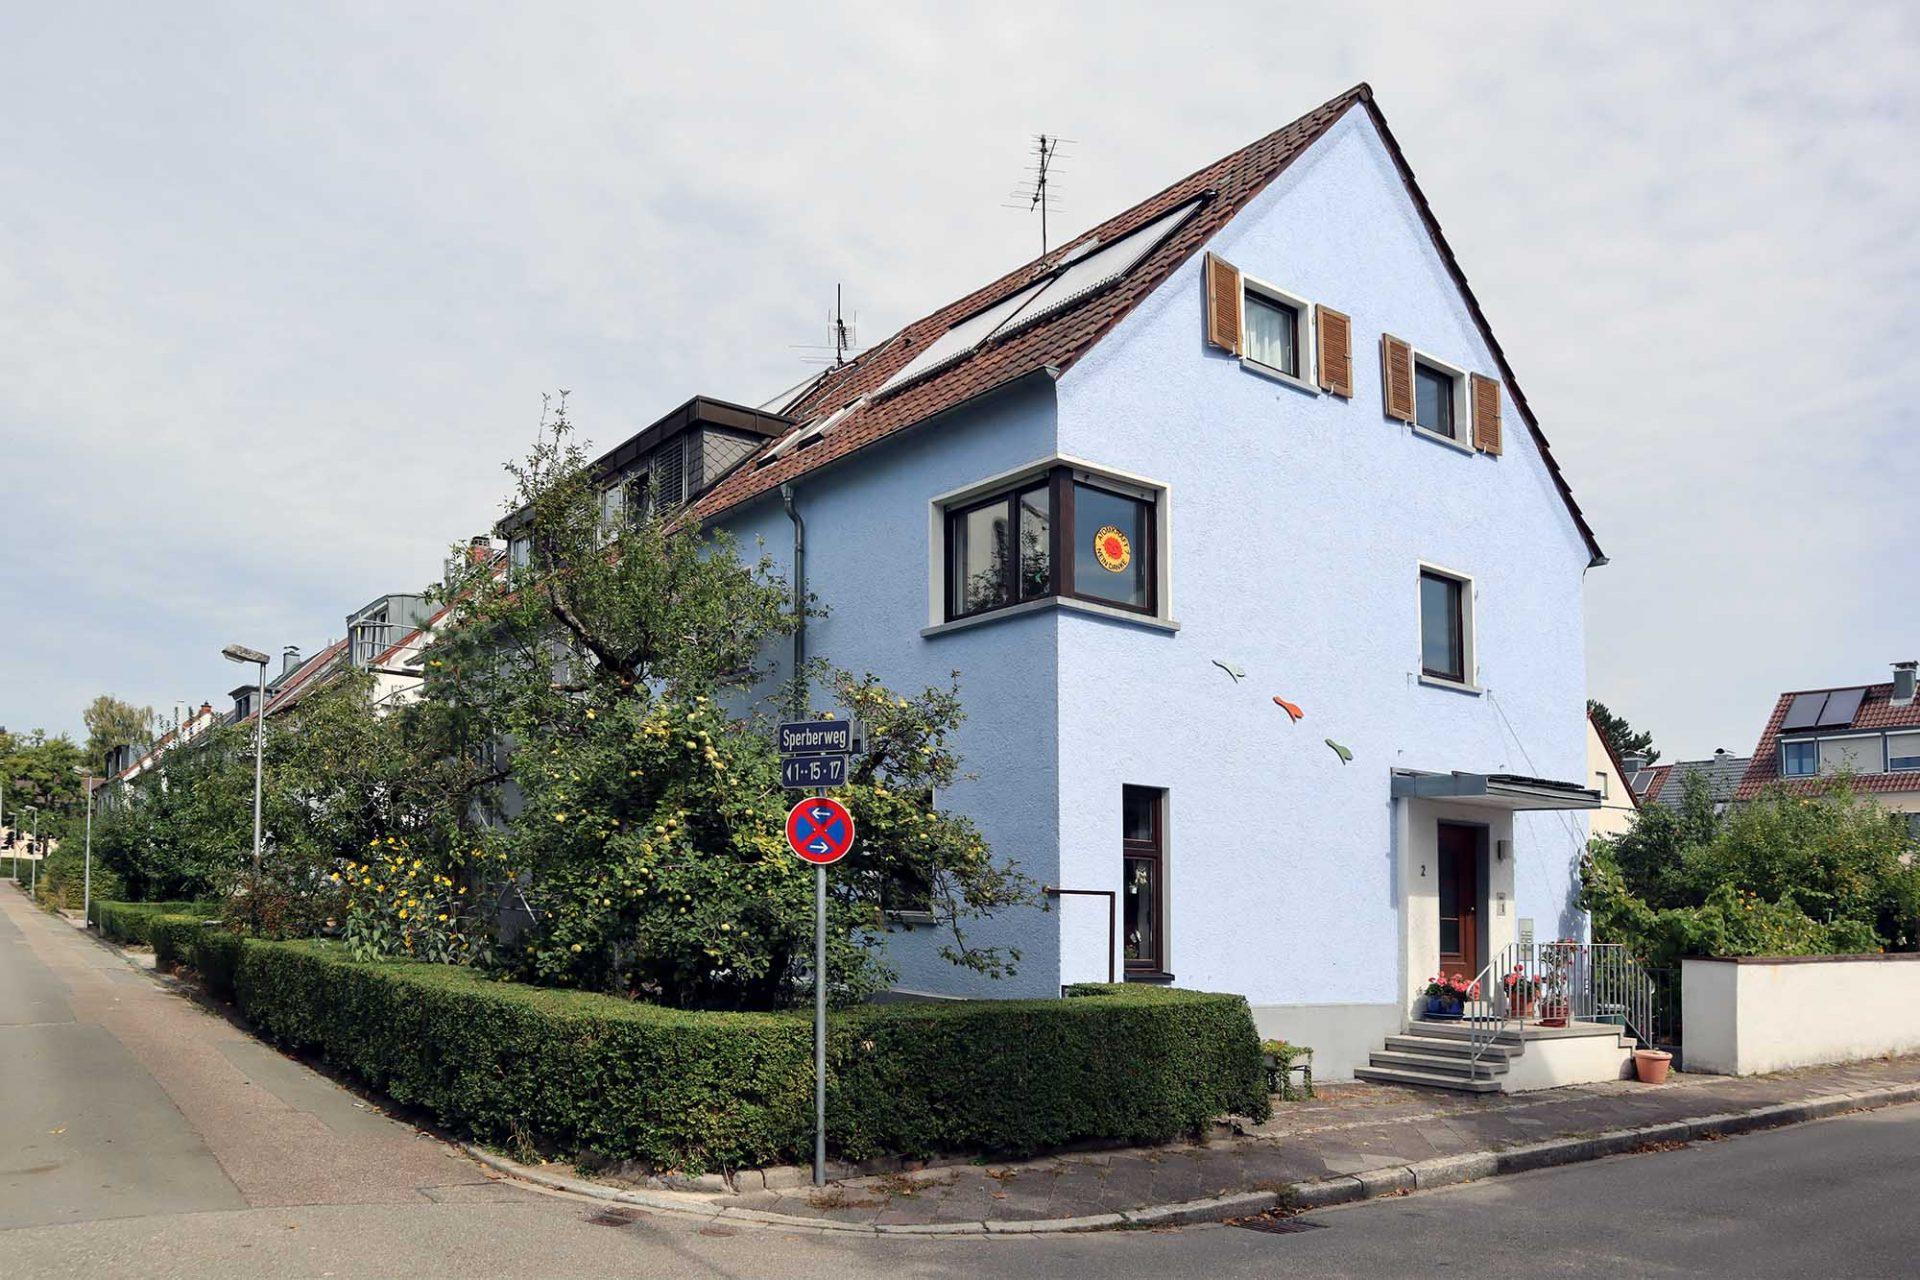 """Dammerstock-Siedlung. Der Systembruch ist auch in der Dammerstock-Siedlung abzulesen. Die Machthaber des Dritten Reichs verabscheuten die """"fremdländische Architektur"""" und errichteten im 2. Bauabschnitt ausschließlich Häuser mit """"heimischem Giebel"""" oder ersetzten die ehemaligen Flachdächer durch Schrägdächer, wie hier im Sperberweg gegenüber der 1936 errichteten St. Franziskus Kirche."""